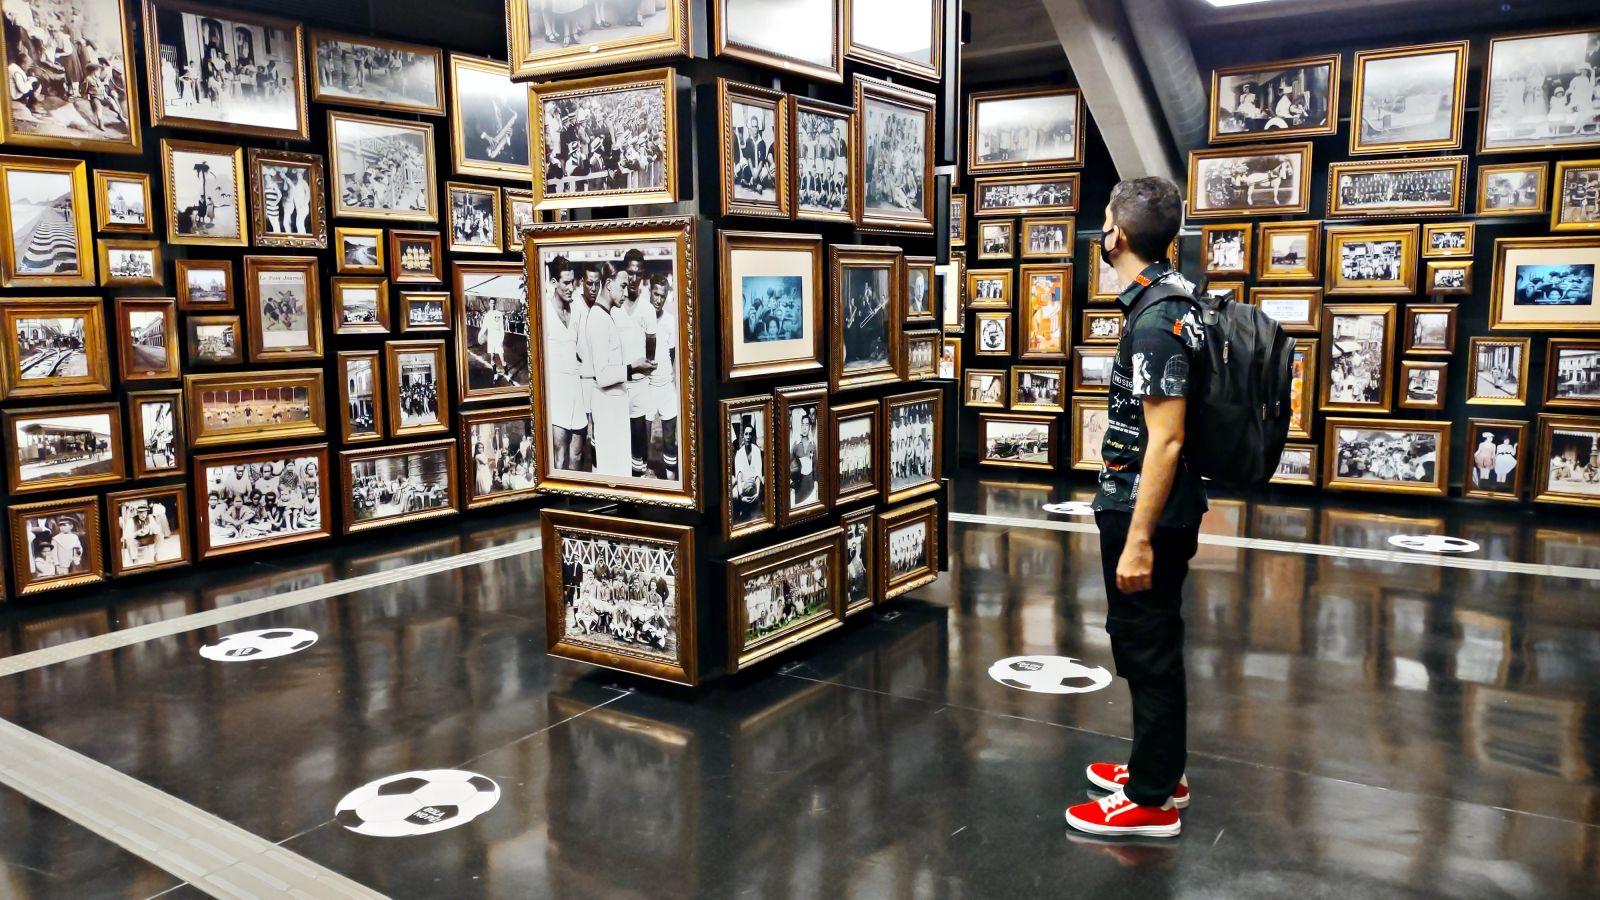 Sala das origens no Museu do Futebol. (Foto por Dayane Cibelle)